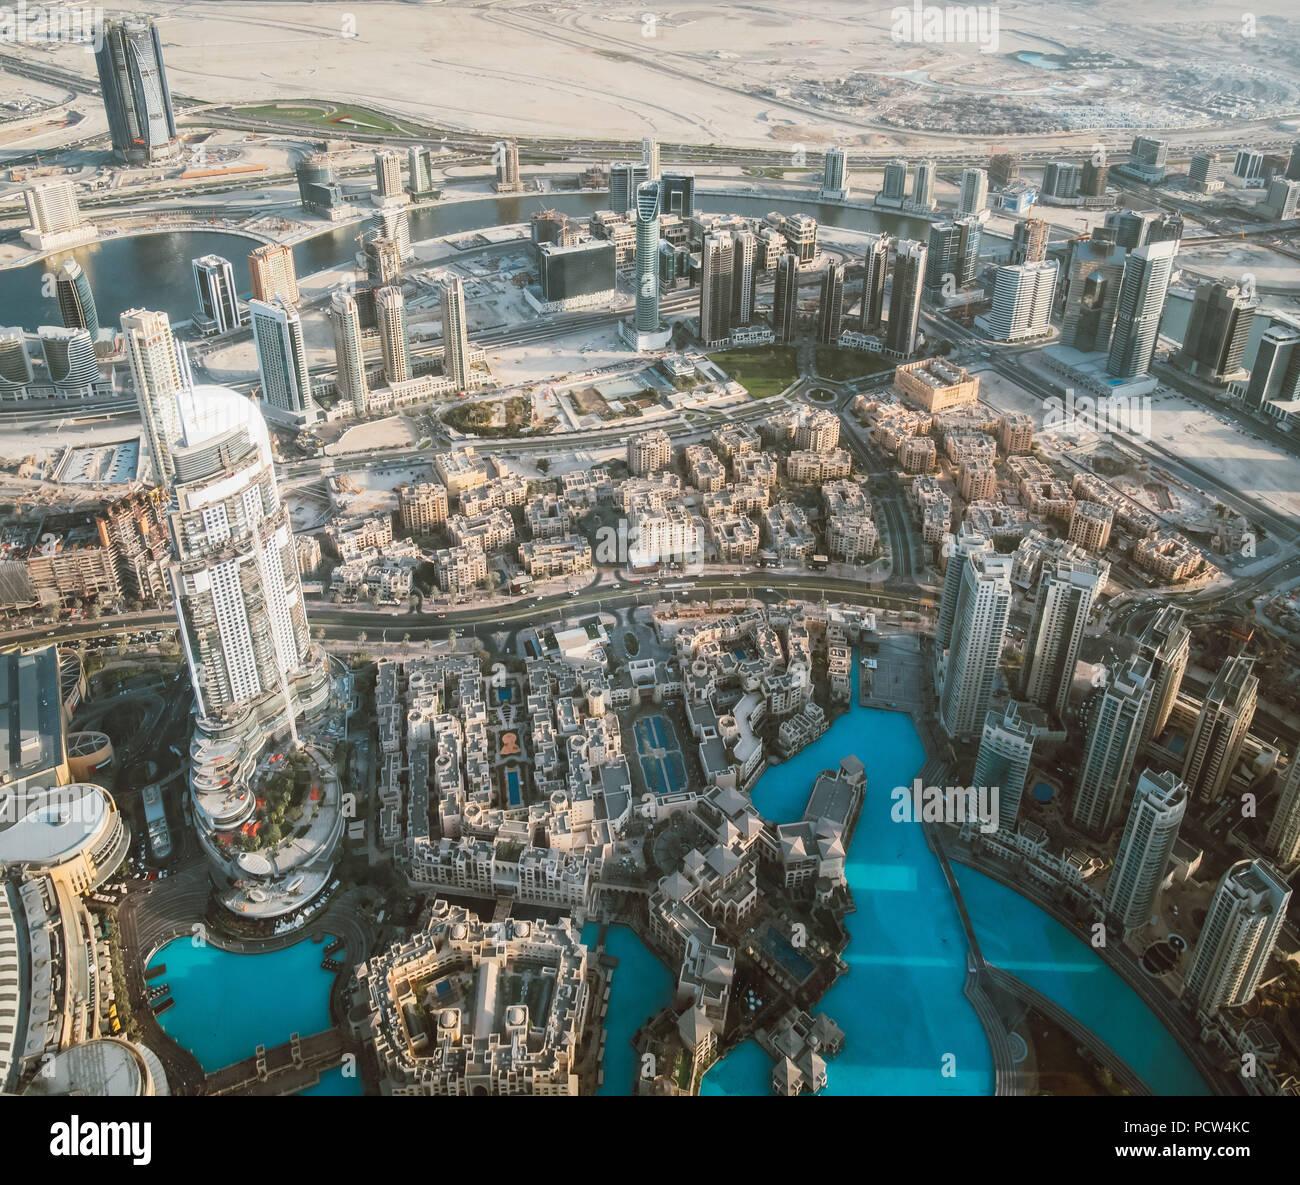 Schöne Aussicht von der Spitze der Skyline von Dubai - Vereinigte Arabische Emirate Stockbild